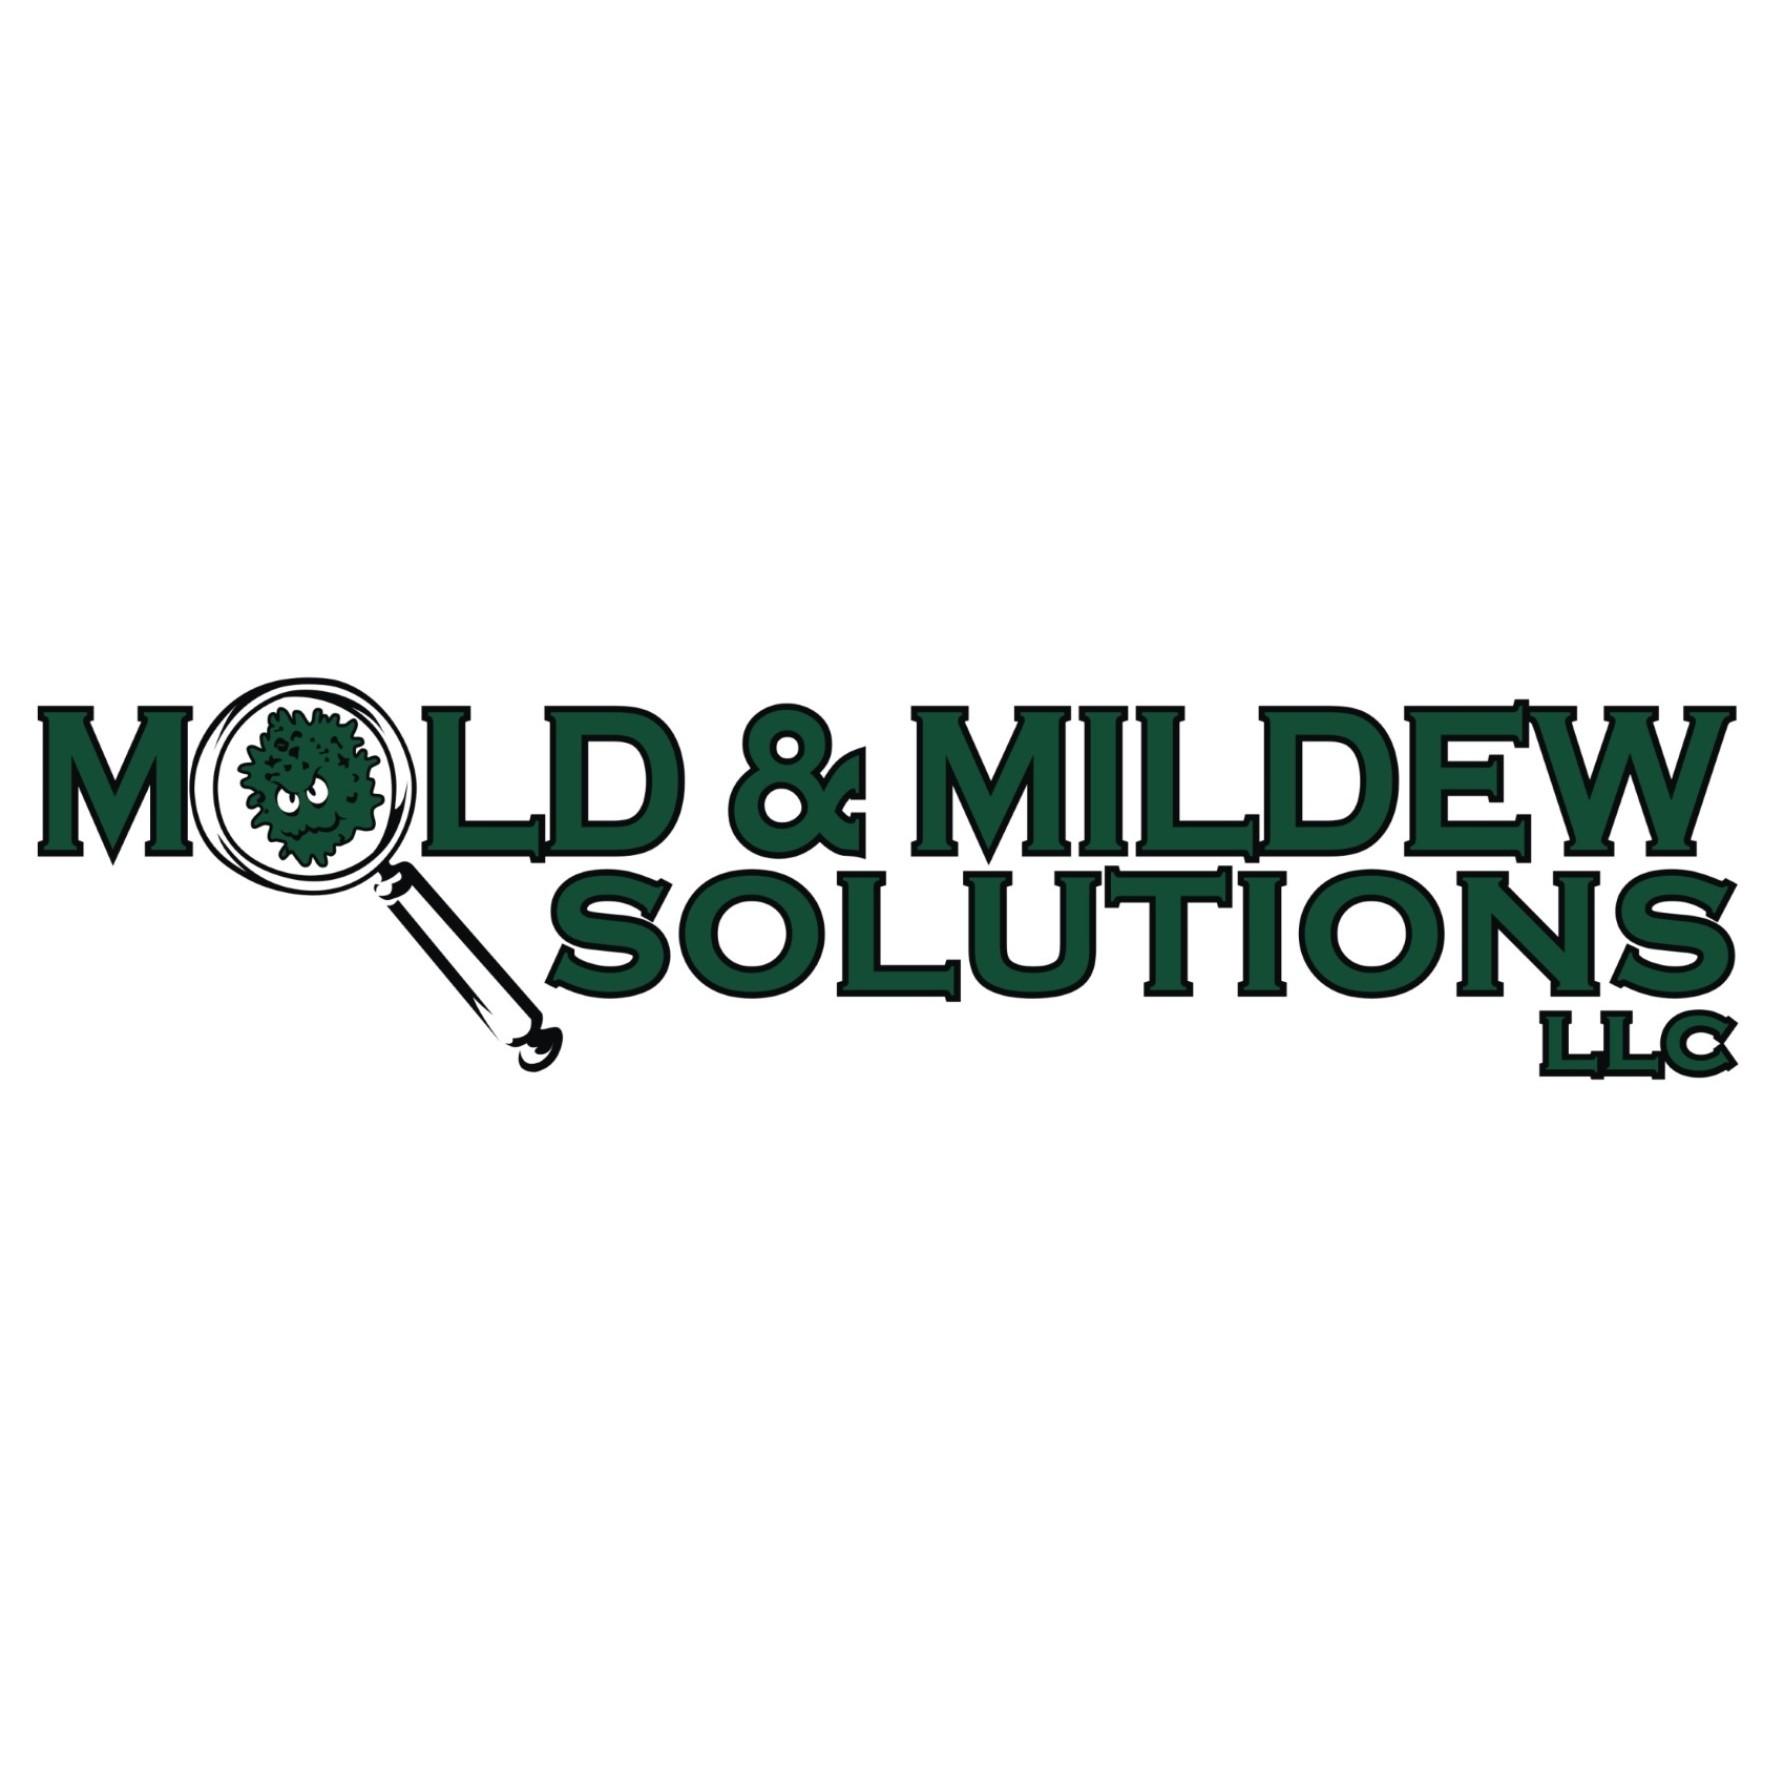 Mold & Mildew Solutions LLC - Birmingham, AL - General Contractors